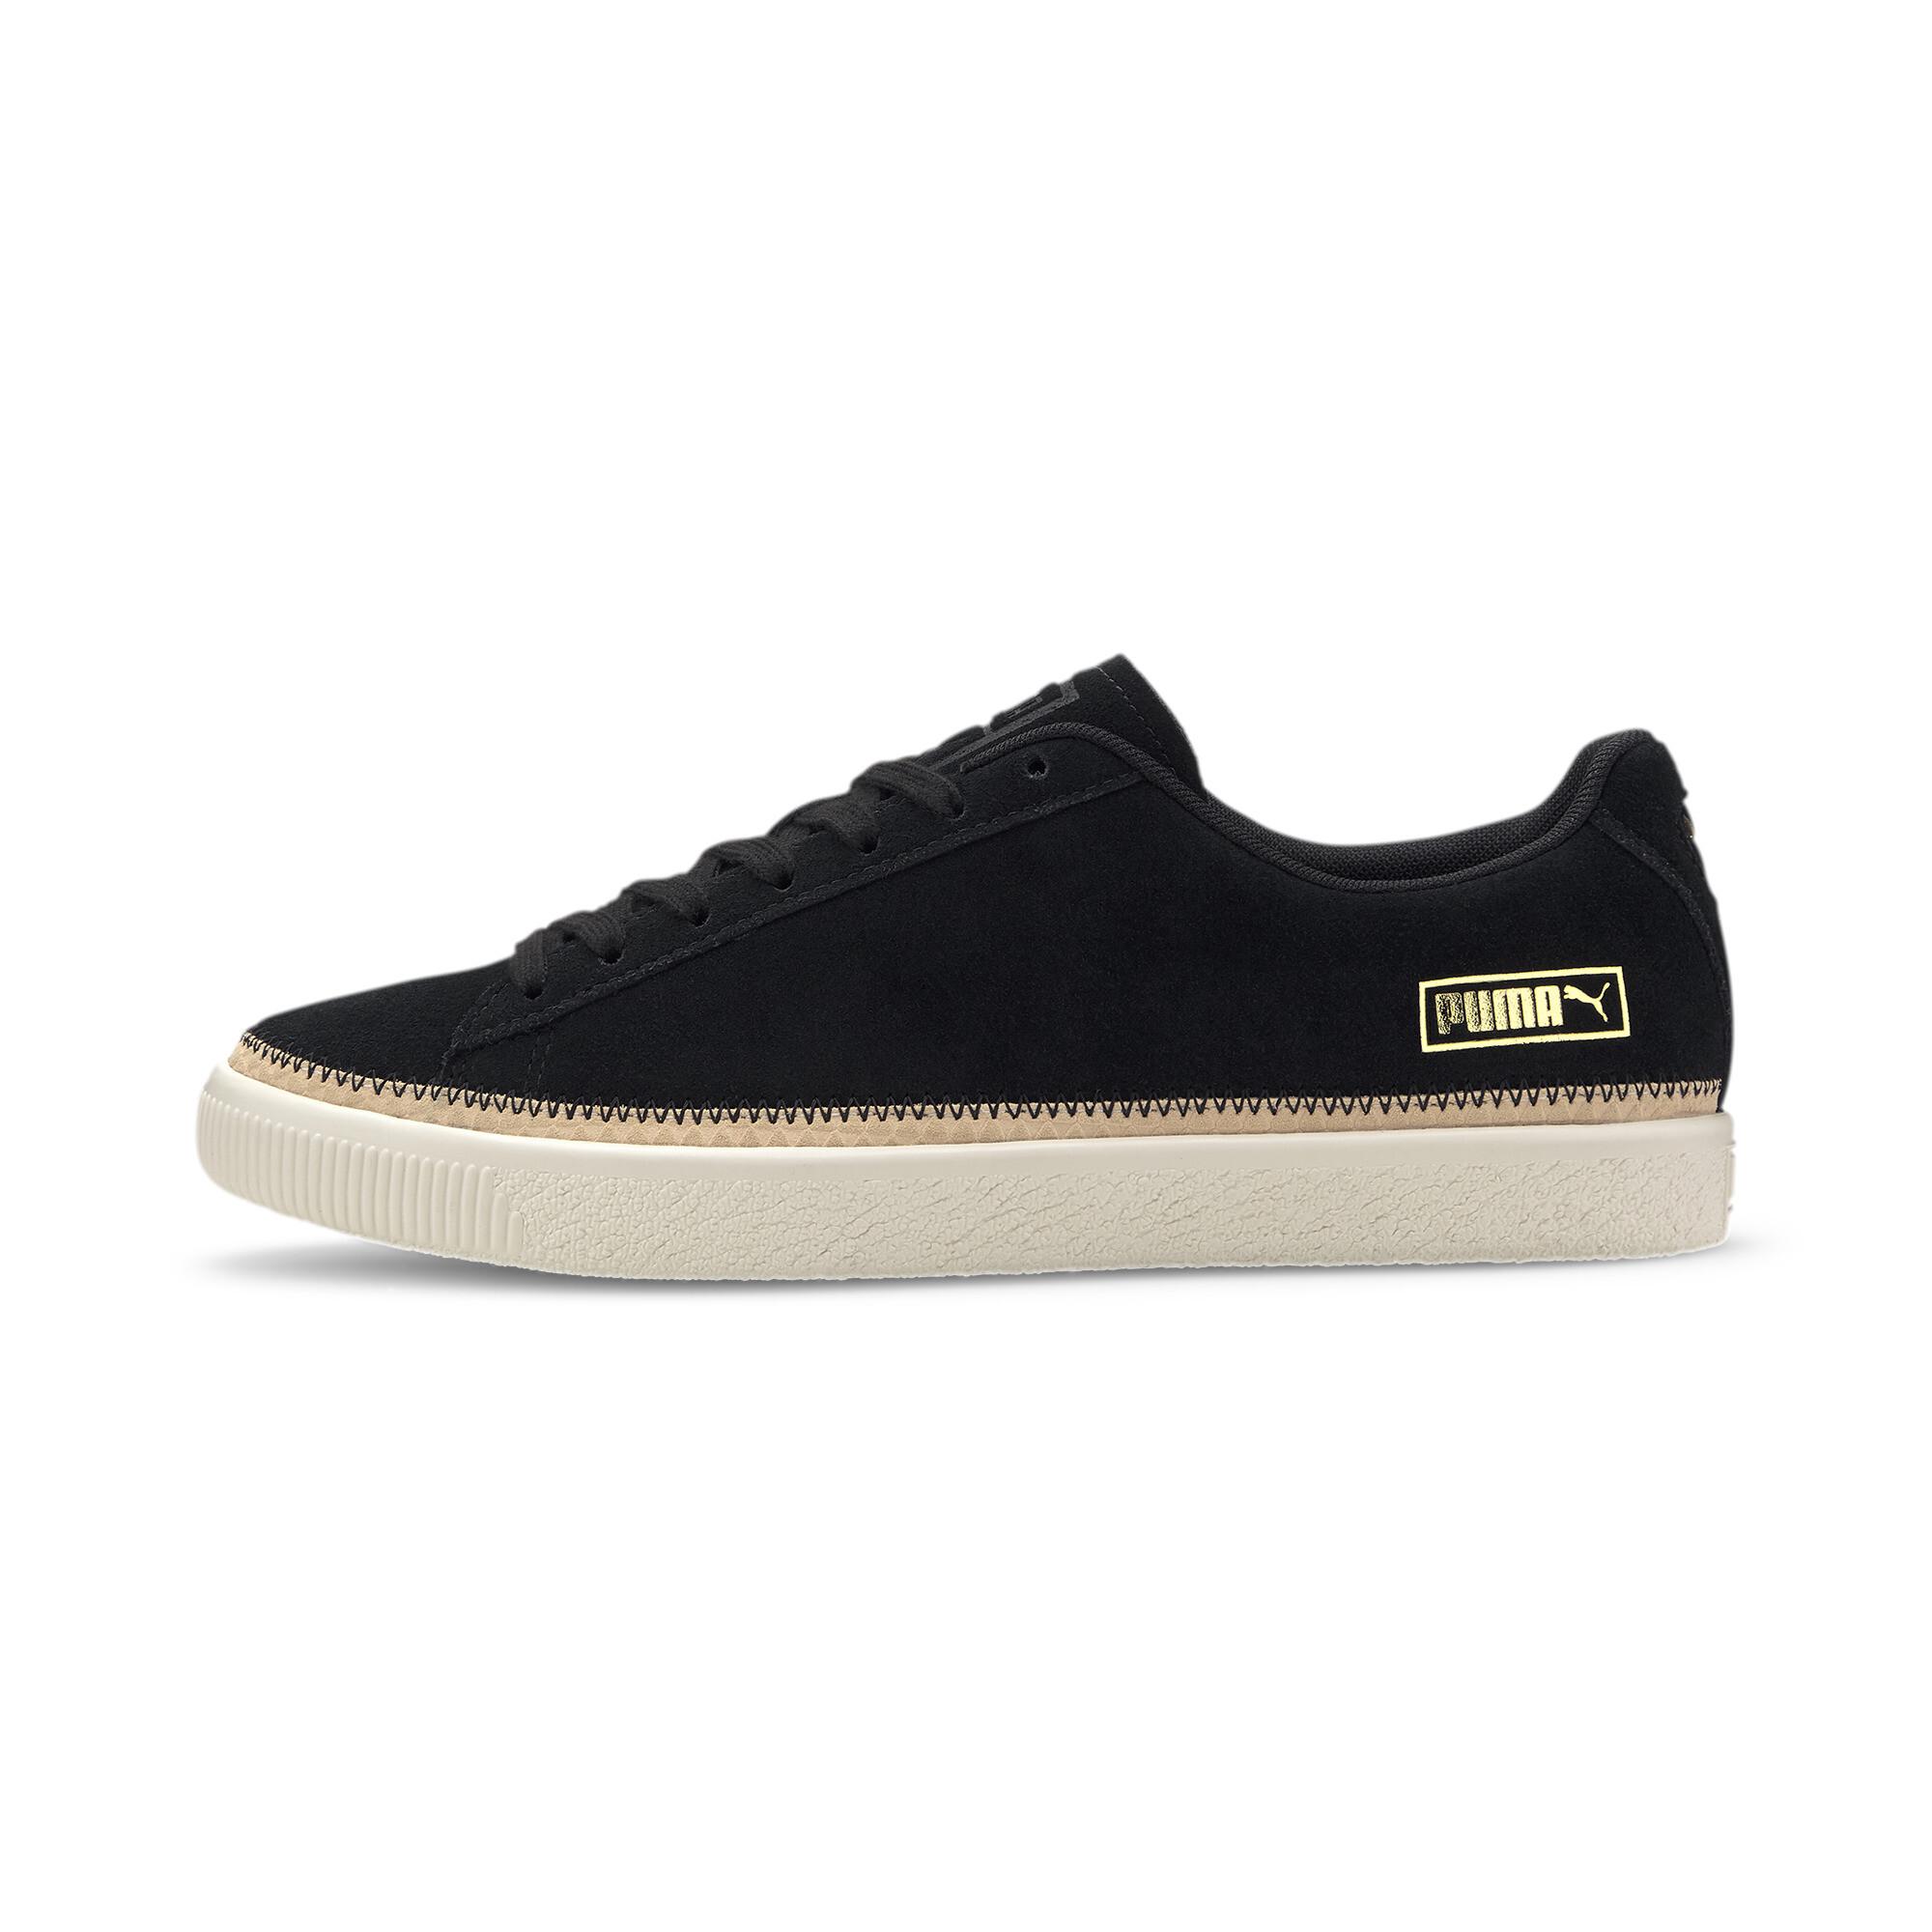 PUMA-Men-039-s-Suede-Trim-DLX-Sneakers thumbnail 18